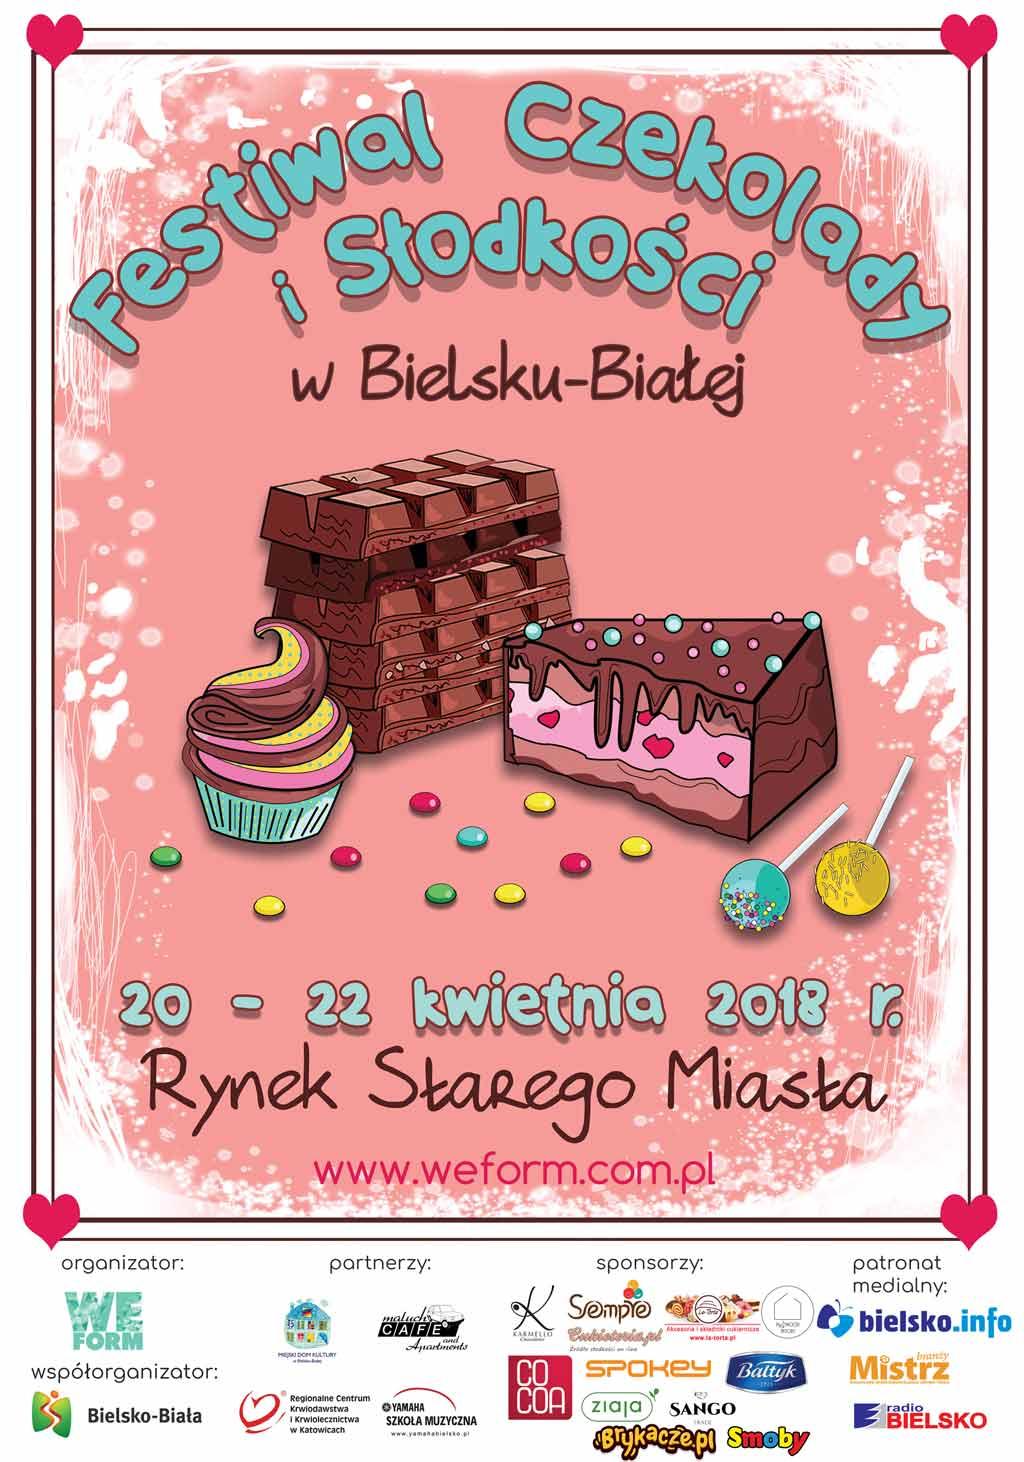 Festiwal Czekolady I Słodkości W Bielsku-Białej